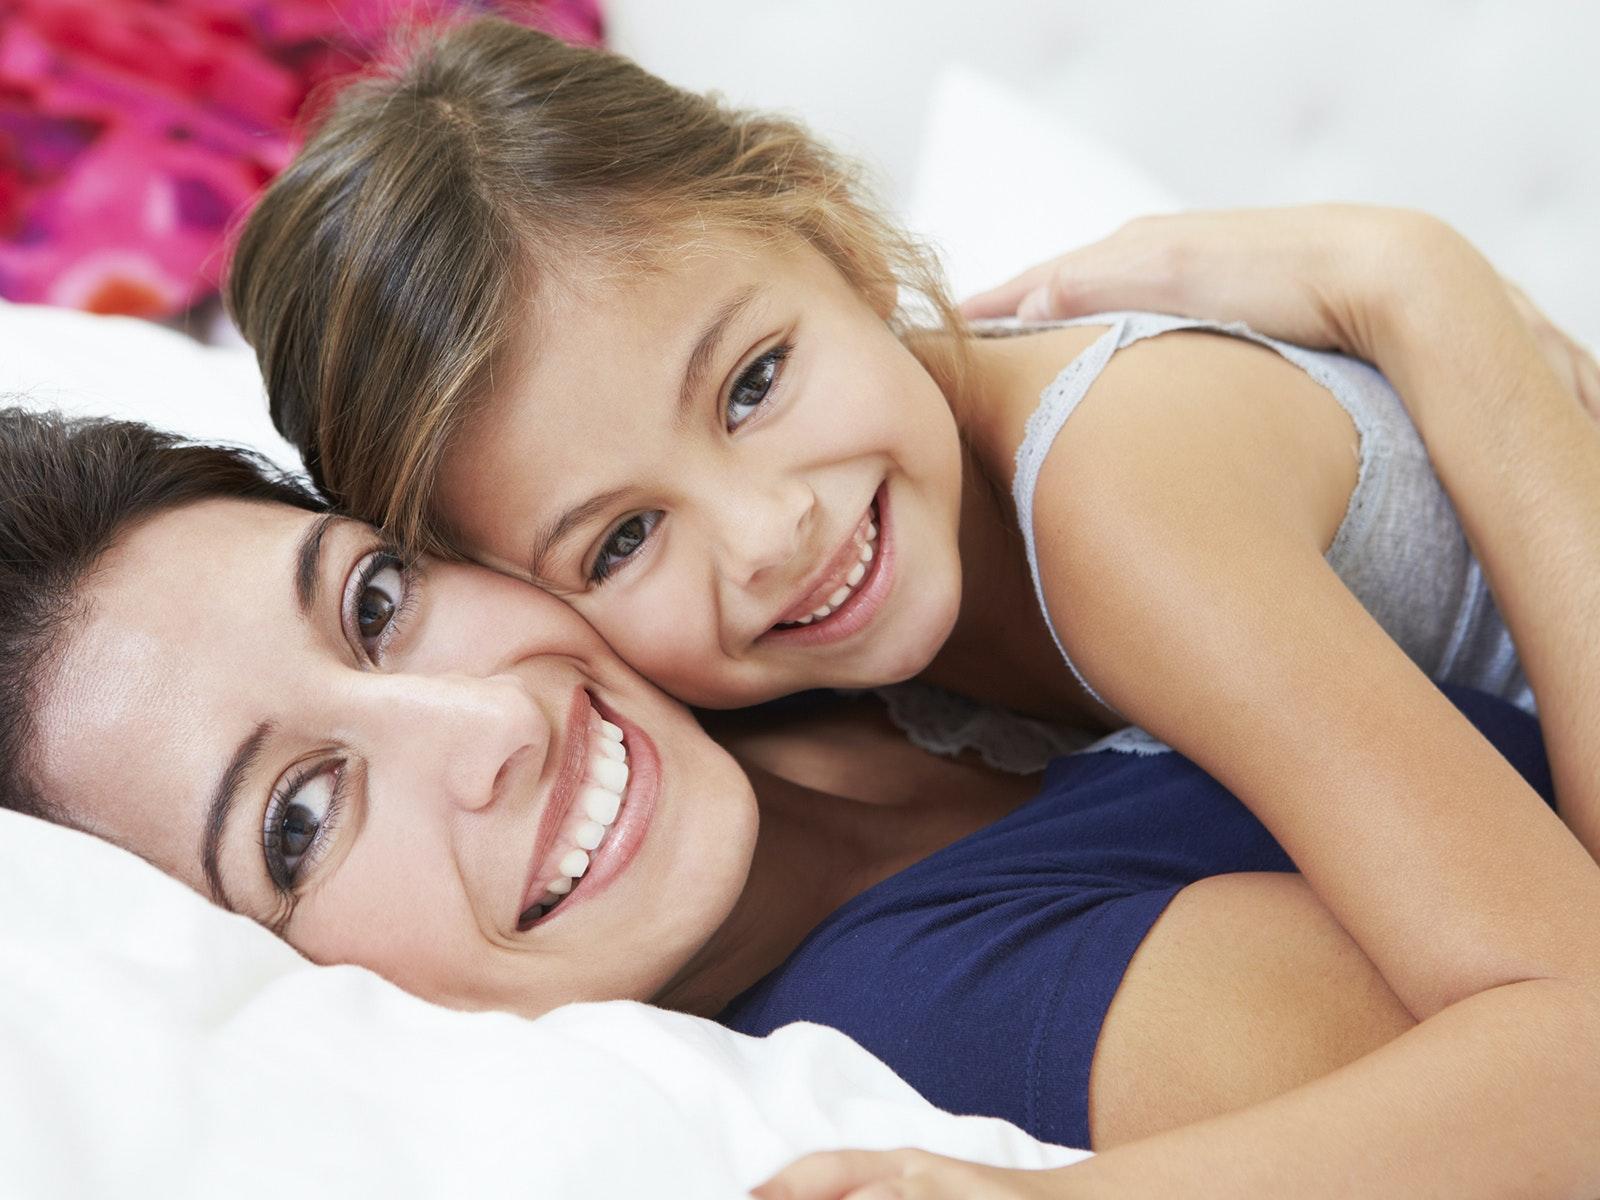 site gratuitpour jeunes parents celibataires